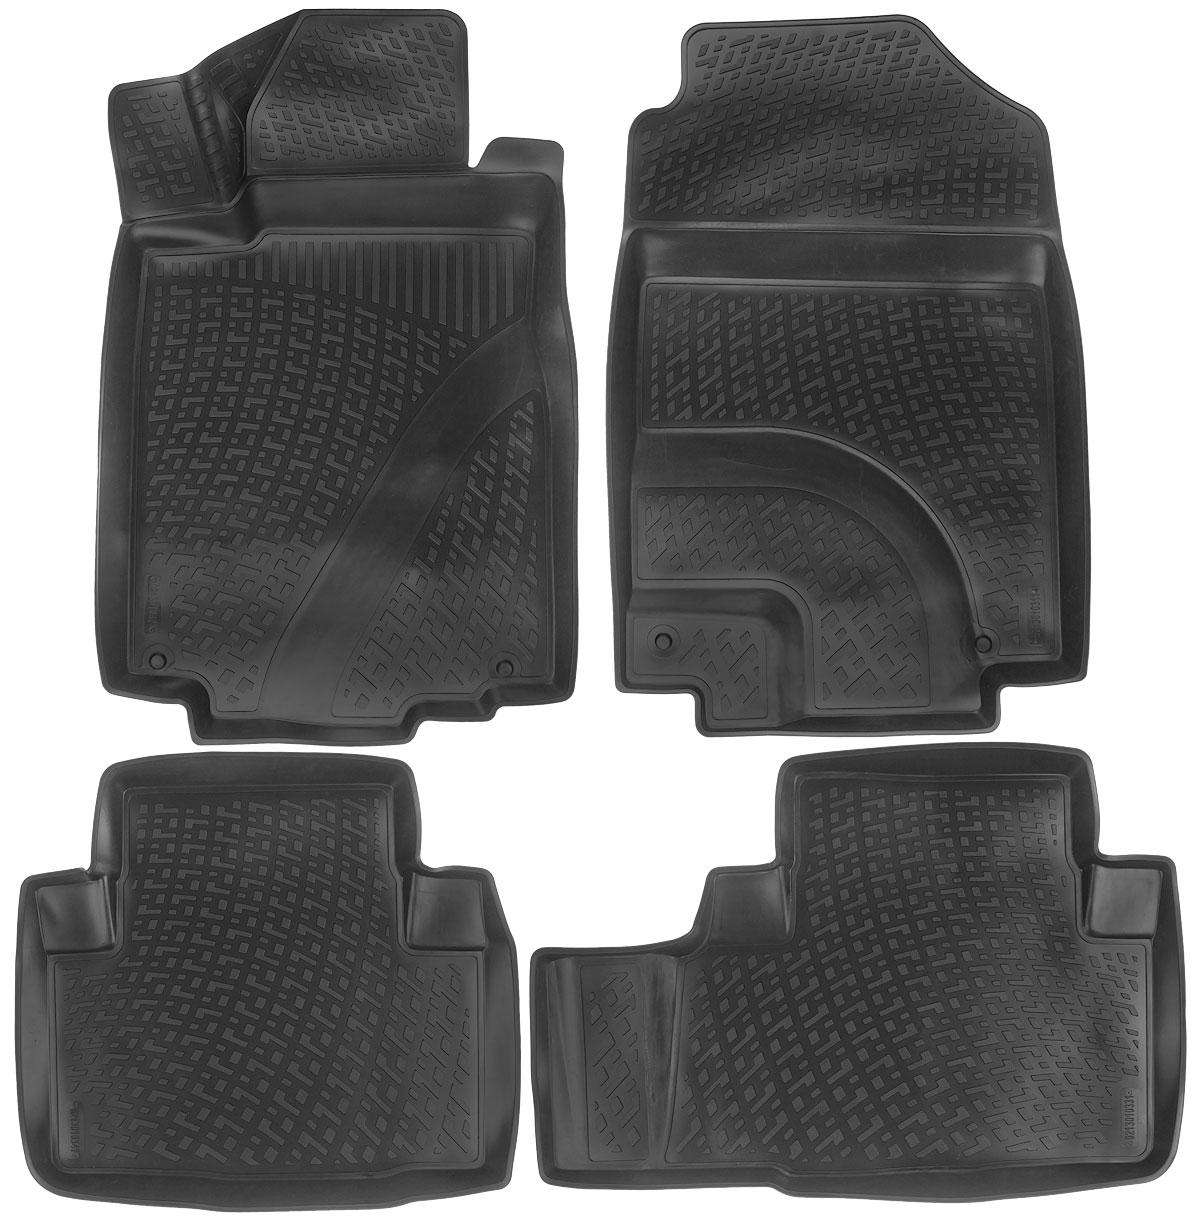 Набор автомобильных ковриков L.Locker Honda CR-V IV 2012, в салон, 4 шт21395599Набор L.Locker Honda CR-V IV 2012, изготовленный из полиуретана, состоит из 4 антискользящих 3D ковриков, которые производятся индивидуально для каждой модели автомобиля. Изделие точно повторяет геометрию пола автомобиля, имеет высокий борт, обладает повышенной износоустойчивостью, лишено резкого запаха и сохраняет свои потребительские свойства в широком диапазоне температур от -50°С до +50°С. Комплектация: 4 шт.Размер ковриков: 87 см х 56 см; 59 см х 54 см; 76 см х 53 см; 84 см х 57 см.